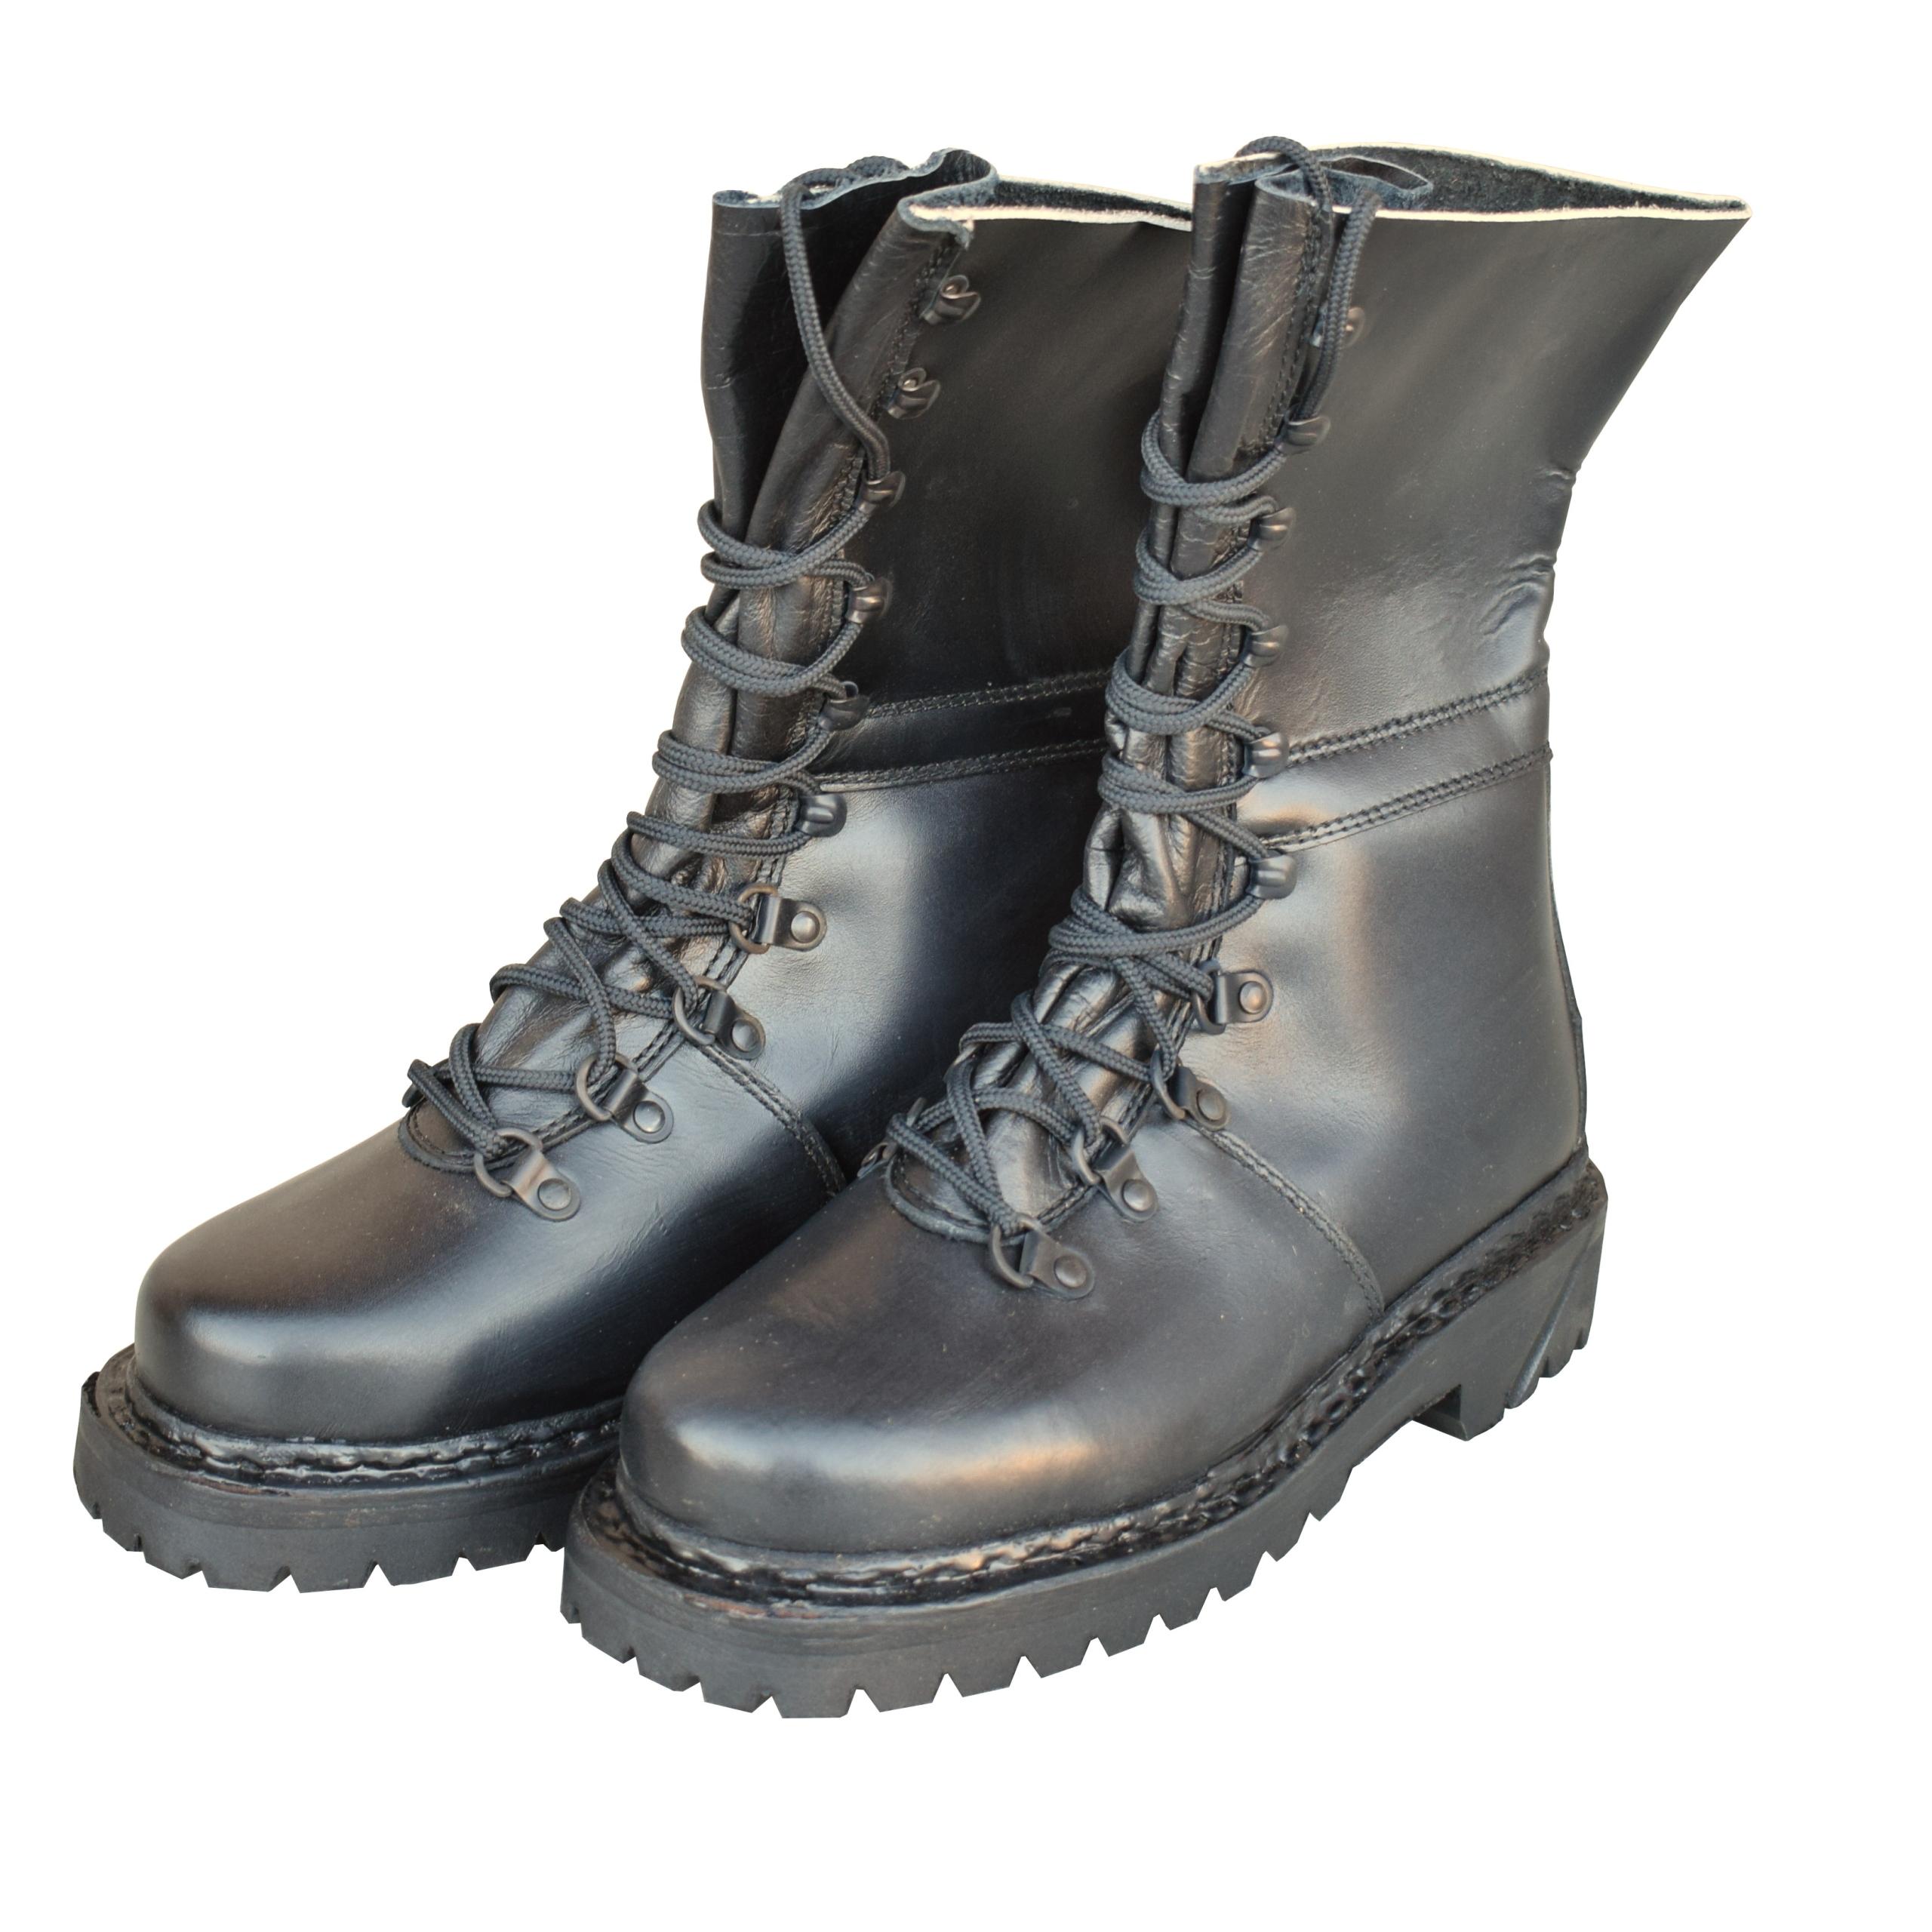 Vojenská obuv Alpská kožená ROZ 37 stuhnutá